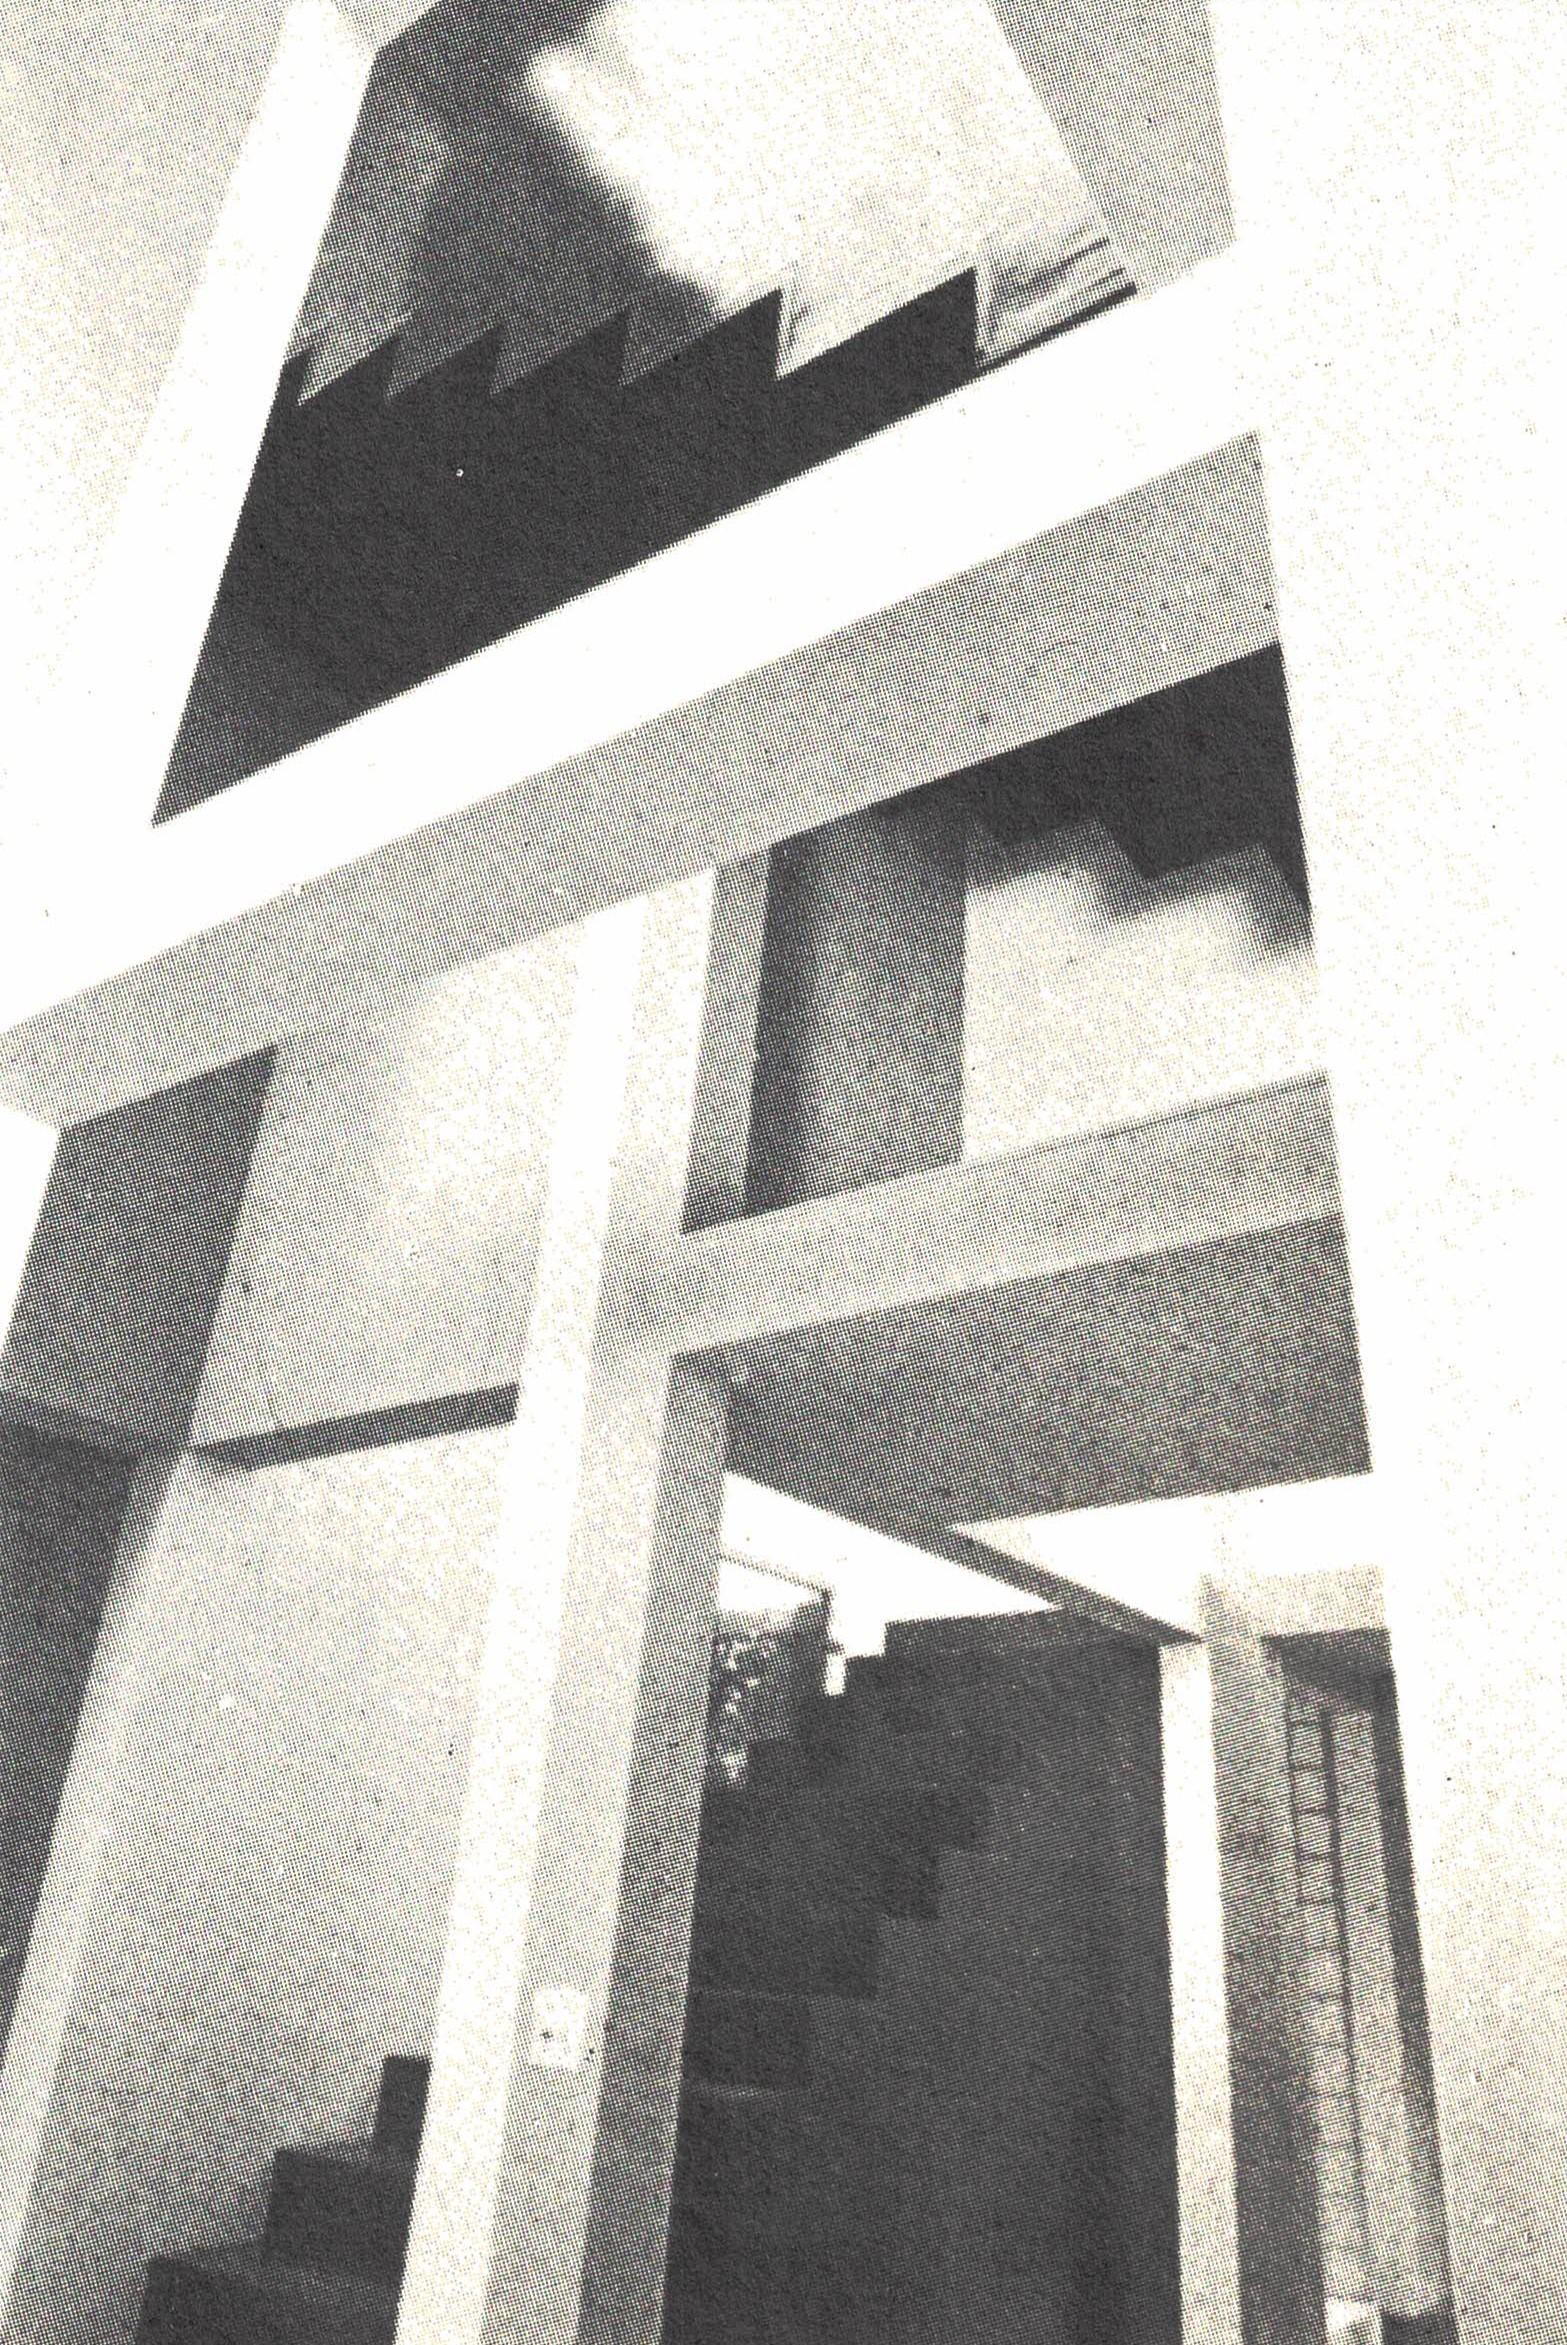 Figura 20. Eiseman, Detalhe do interior da Casa VI